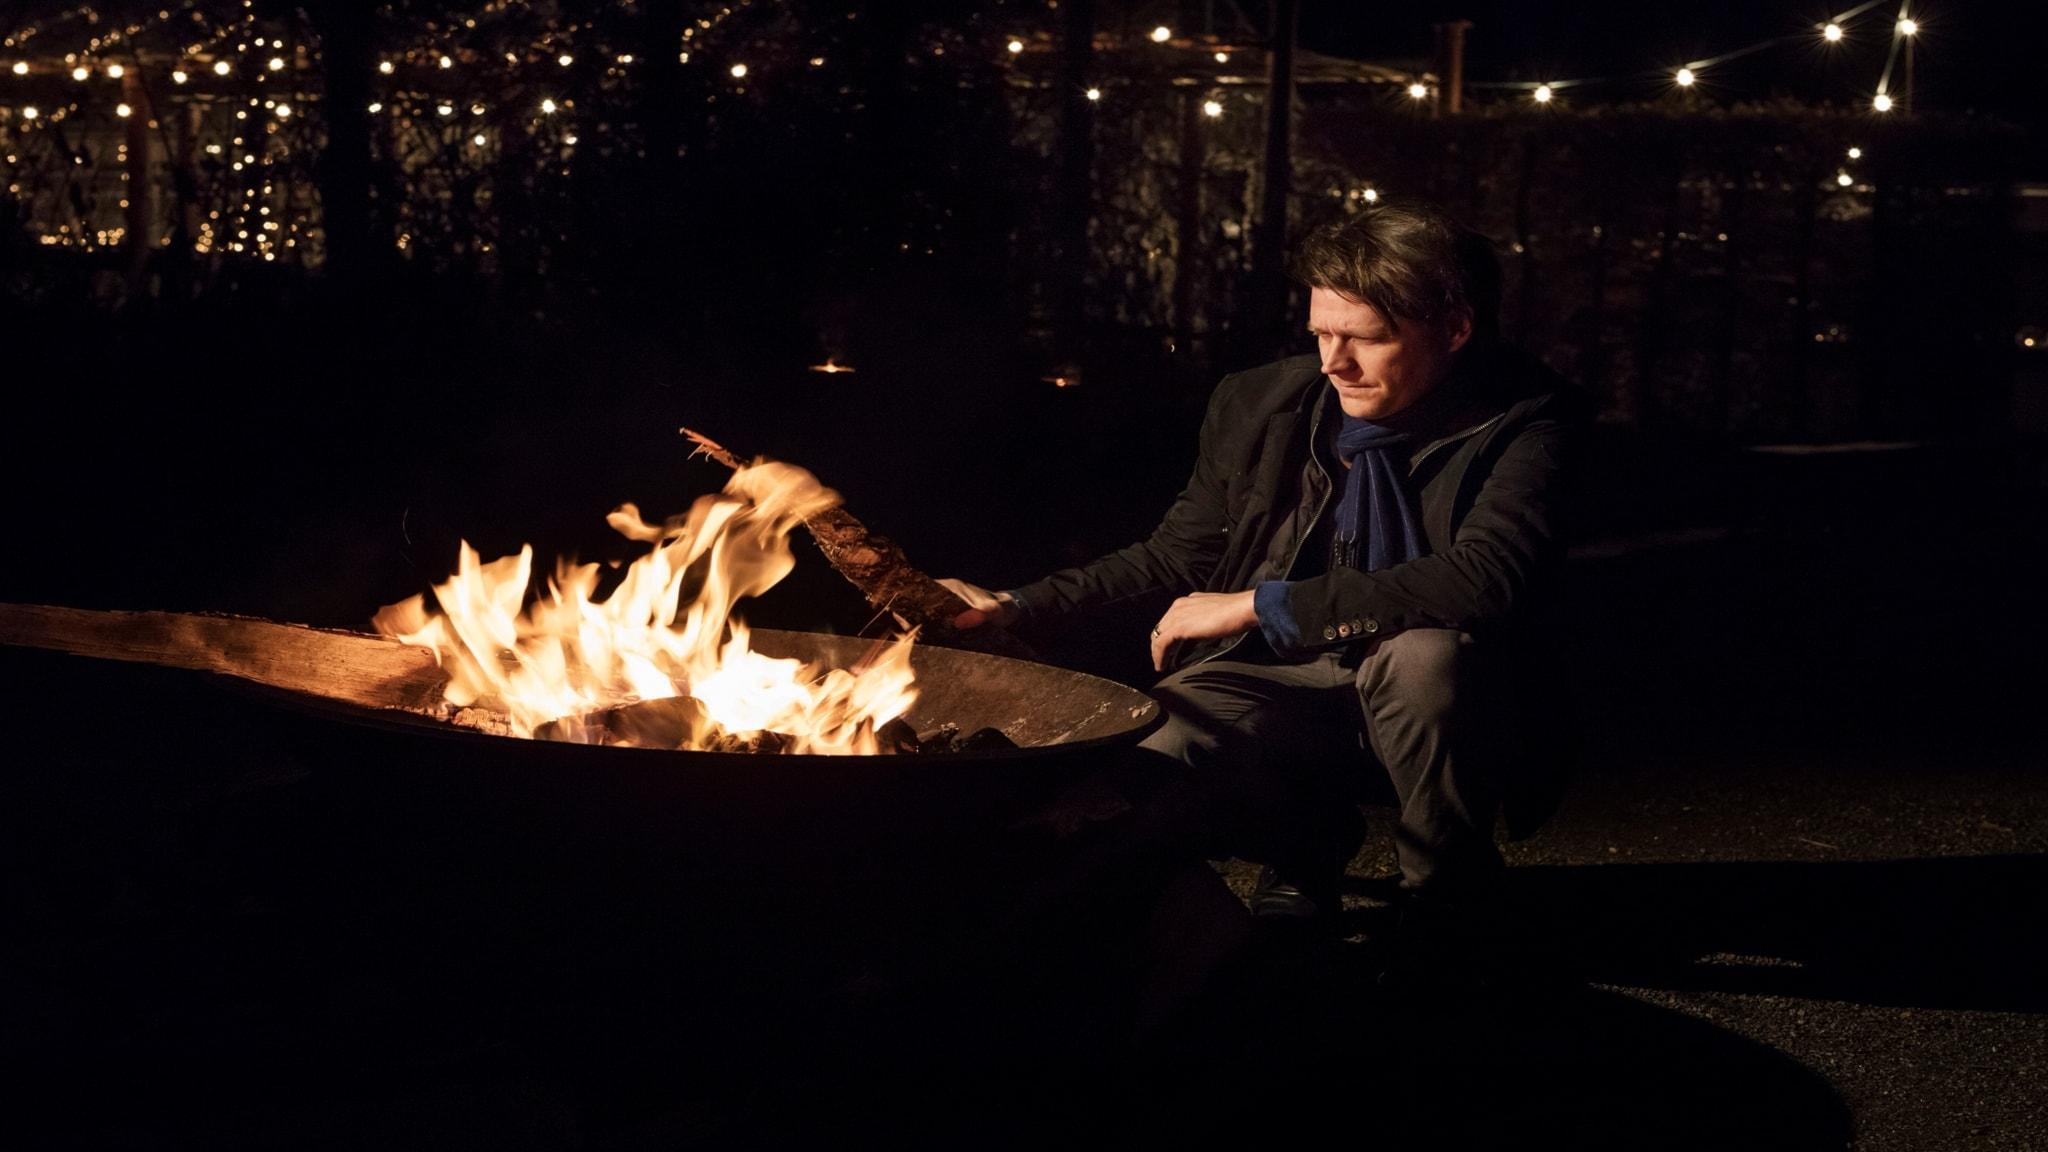 Det brinner en eld med Daniel Sjölin del 3: Elden - förgöraren - spela